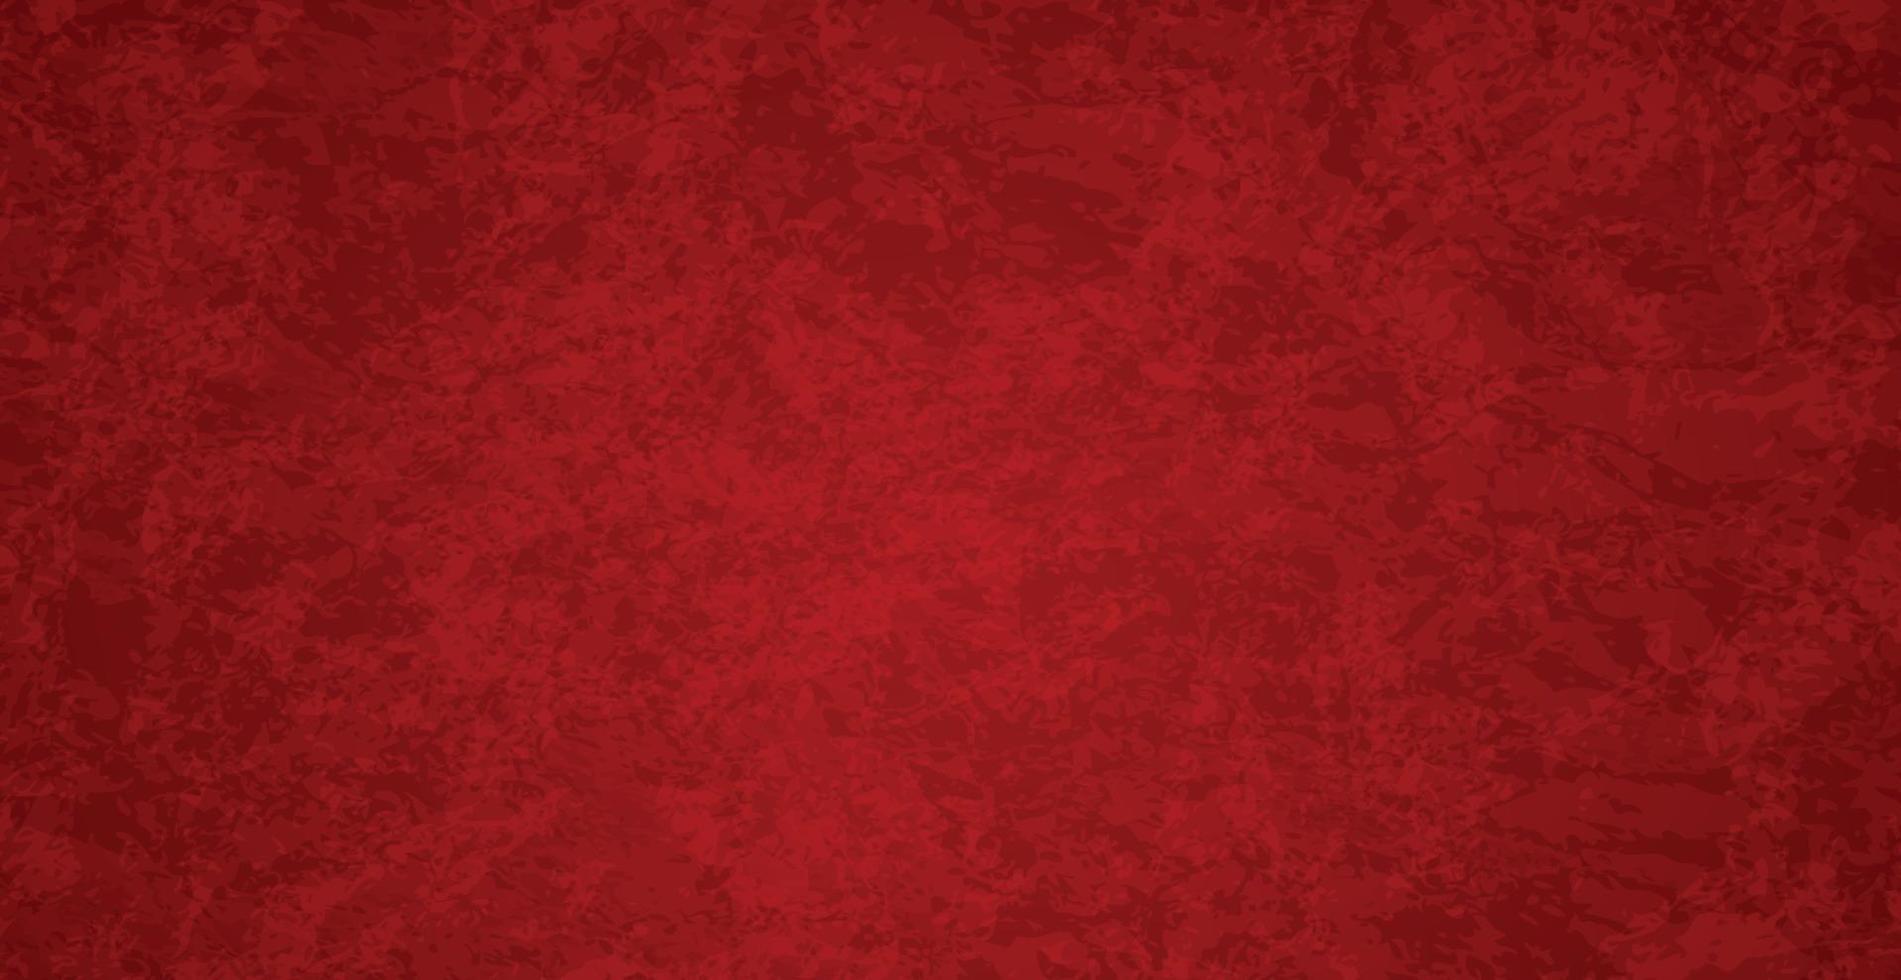 rosso astratto testurizzati sfondo web grunge - vettore